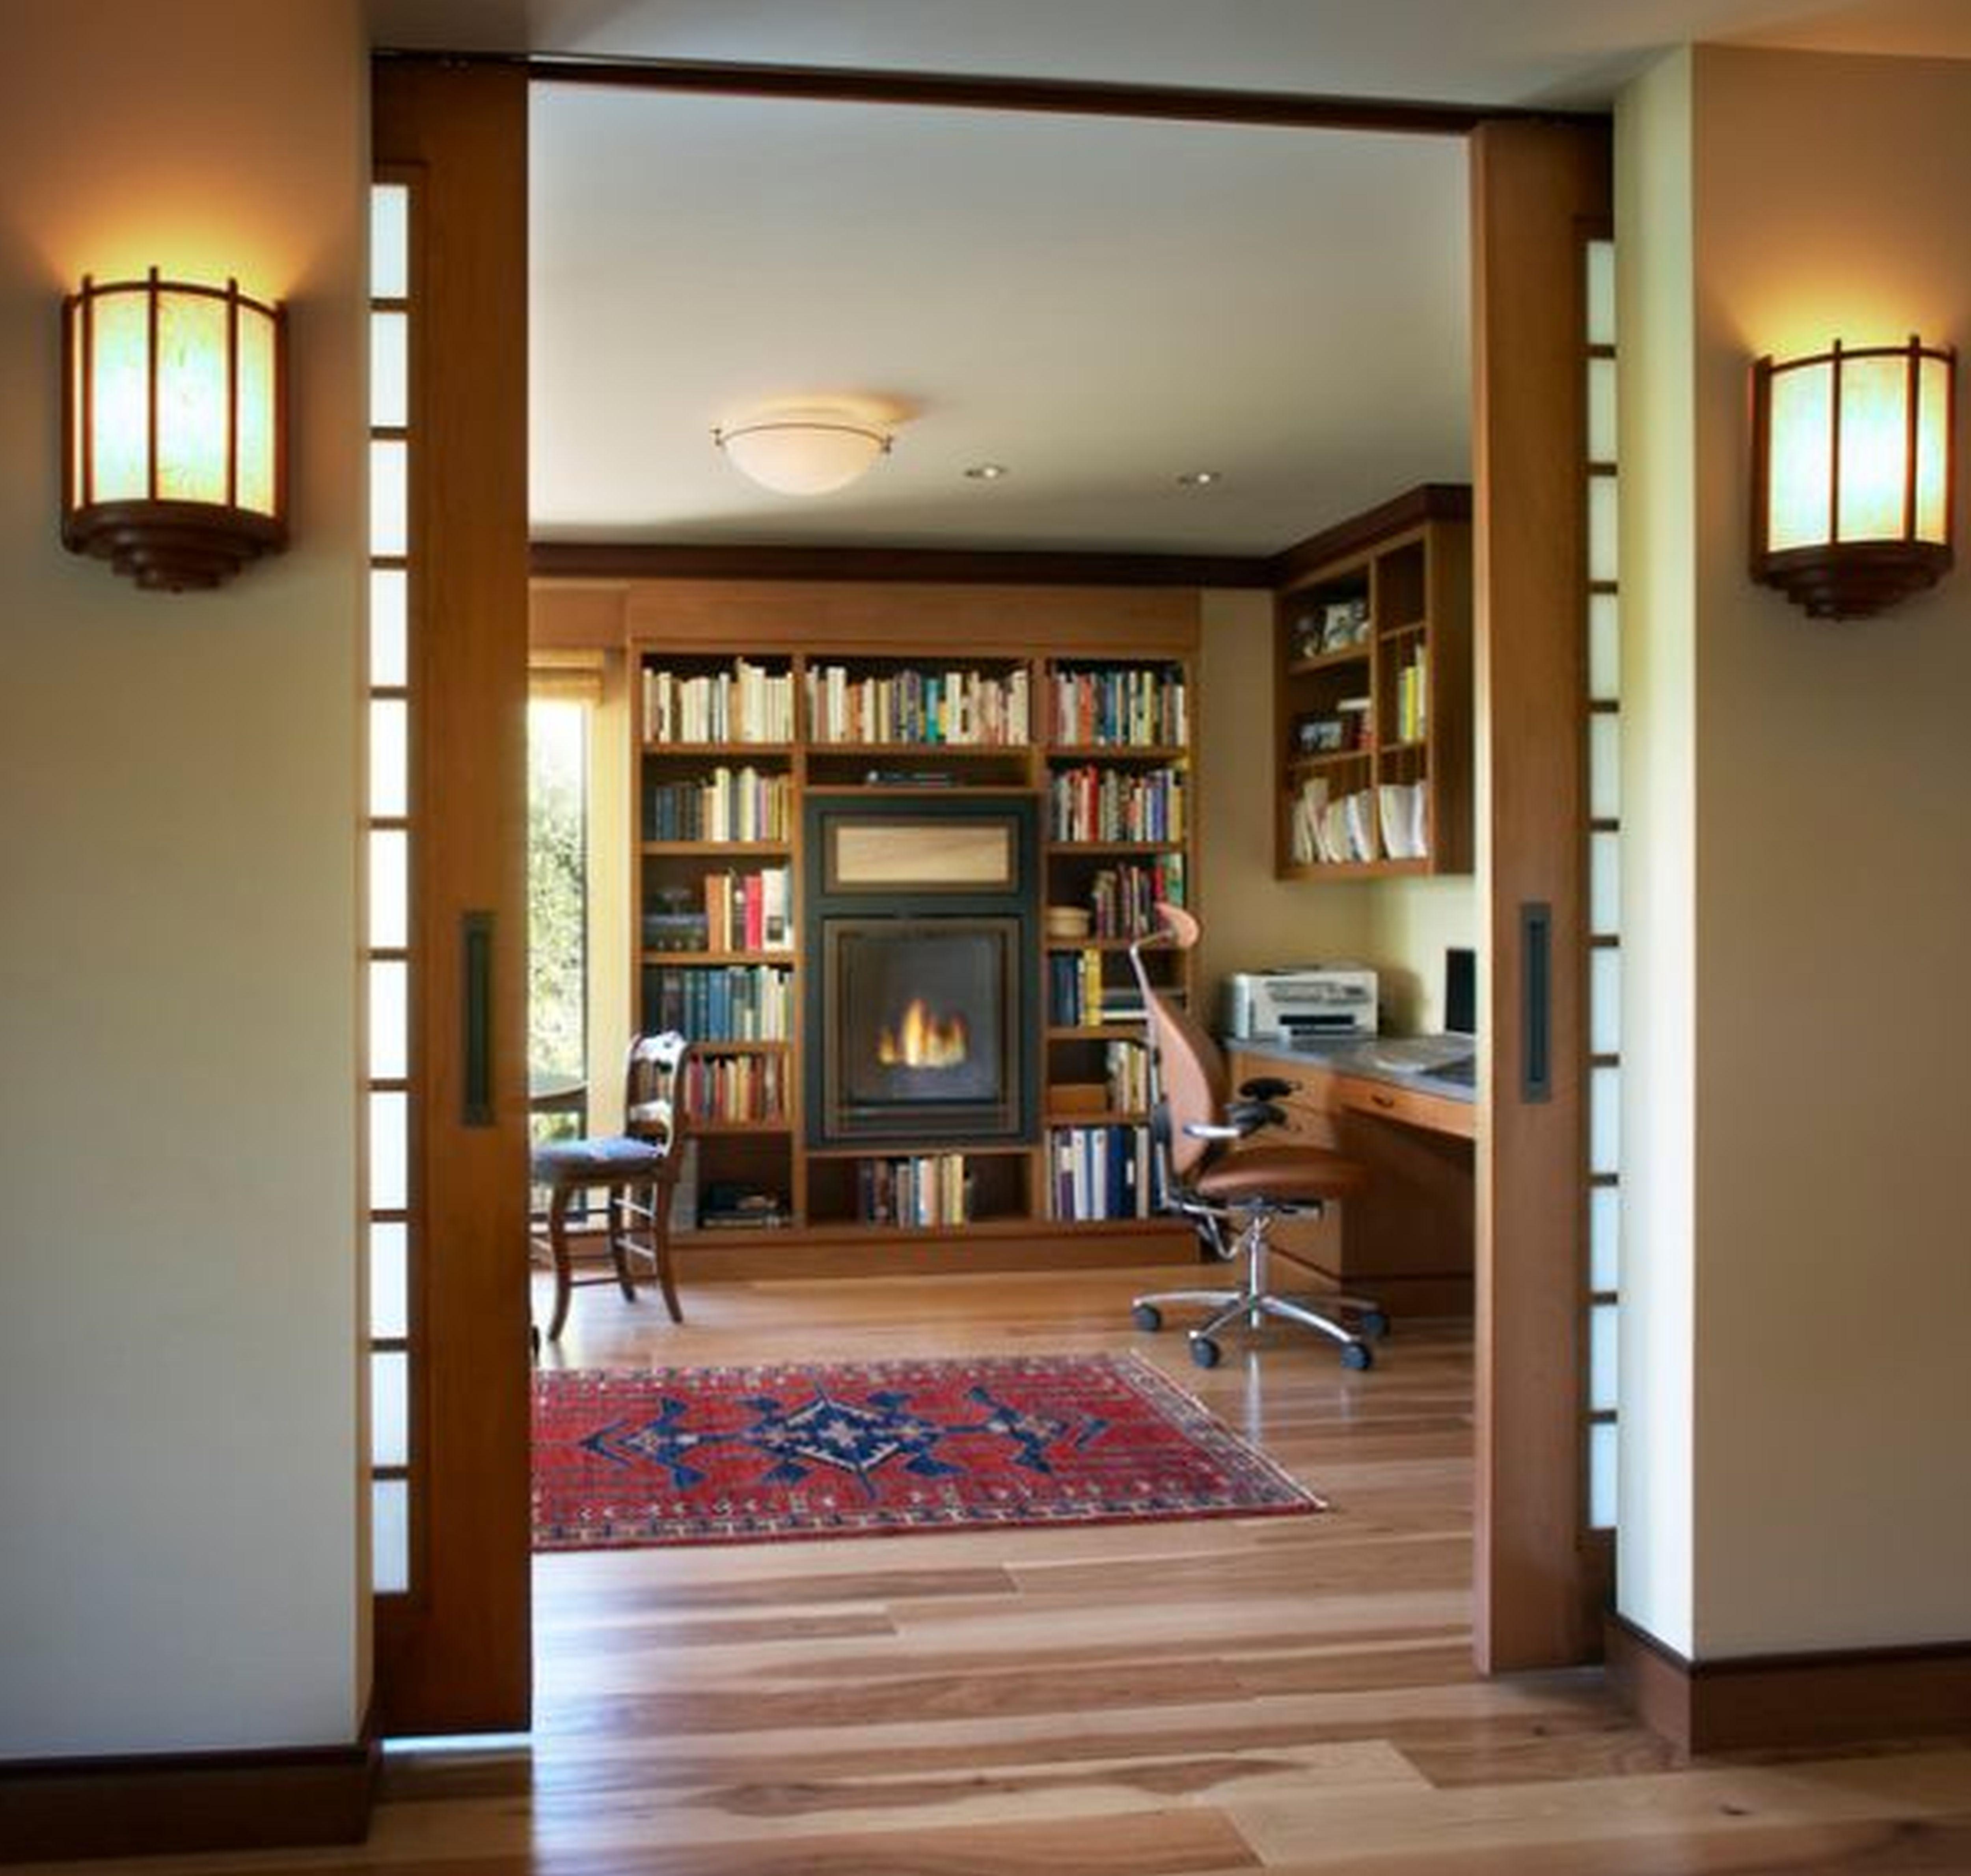 Slide Into Wall Doordoor wall slide doors home interior